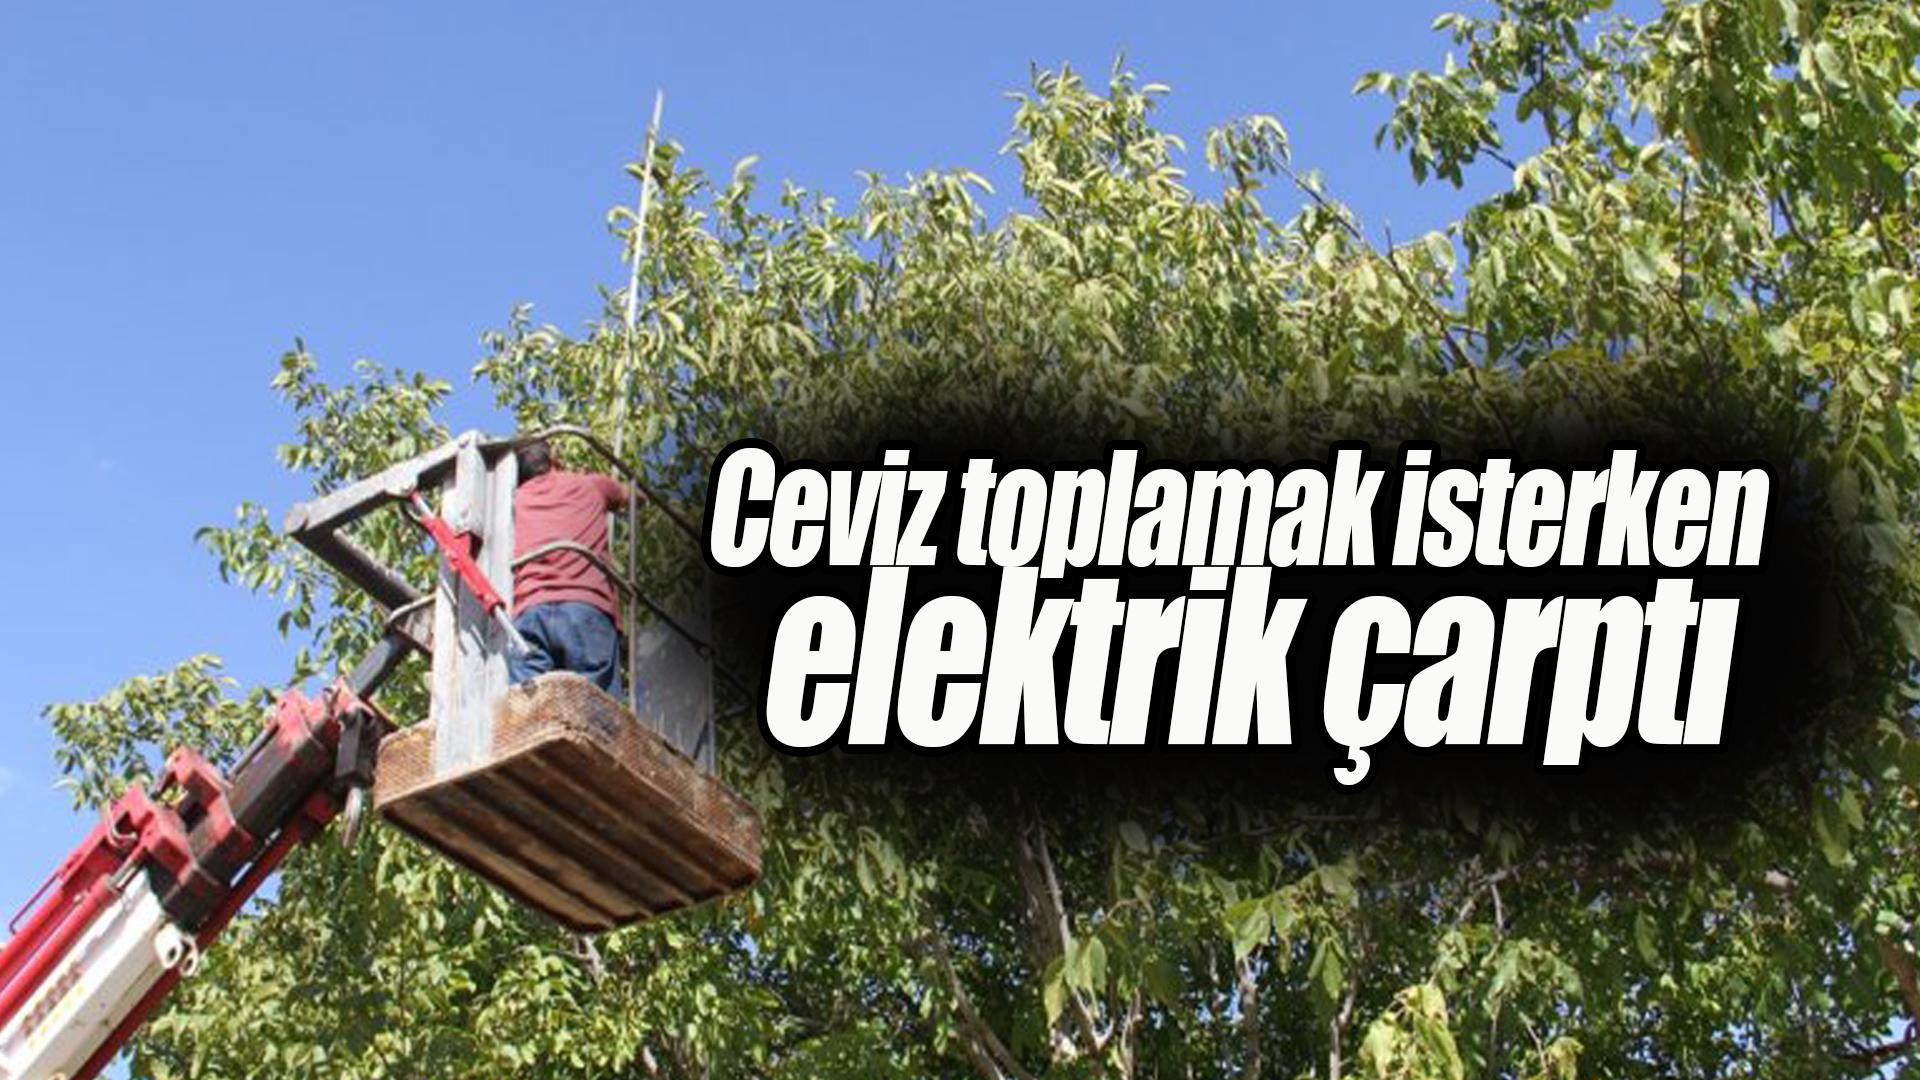 Ceviz toplamak isterken elektrik çarptı